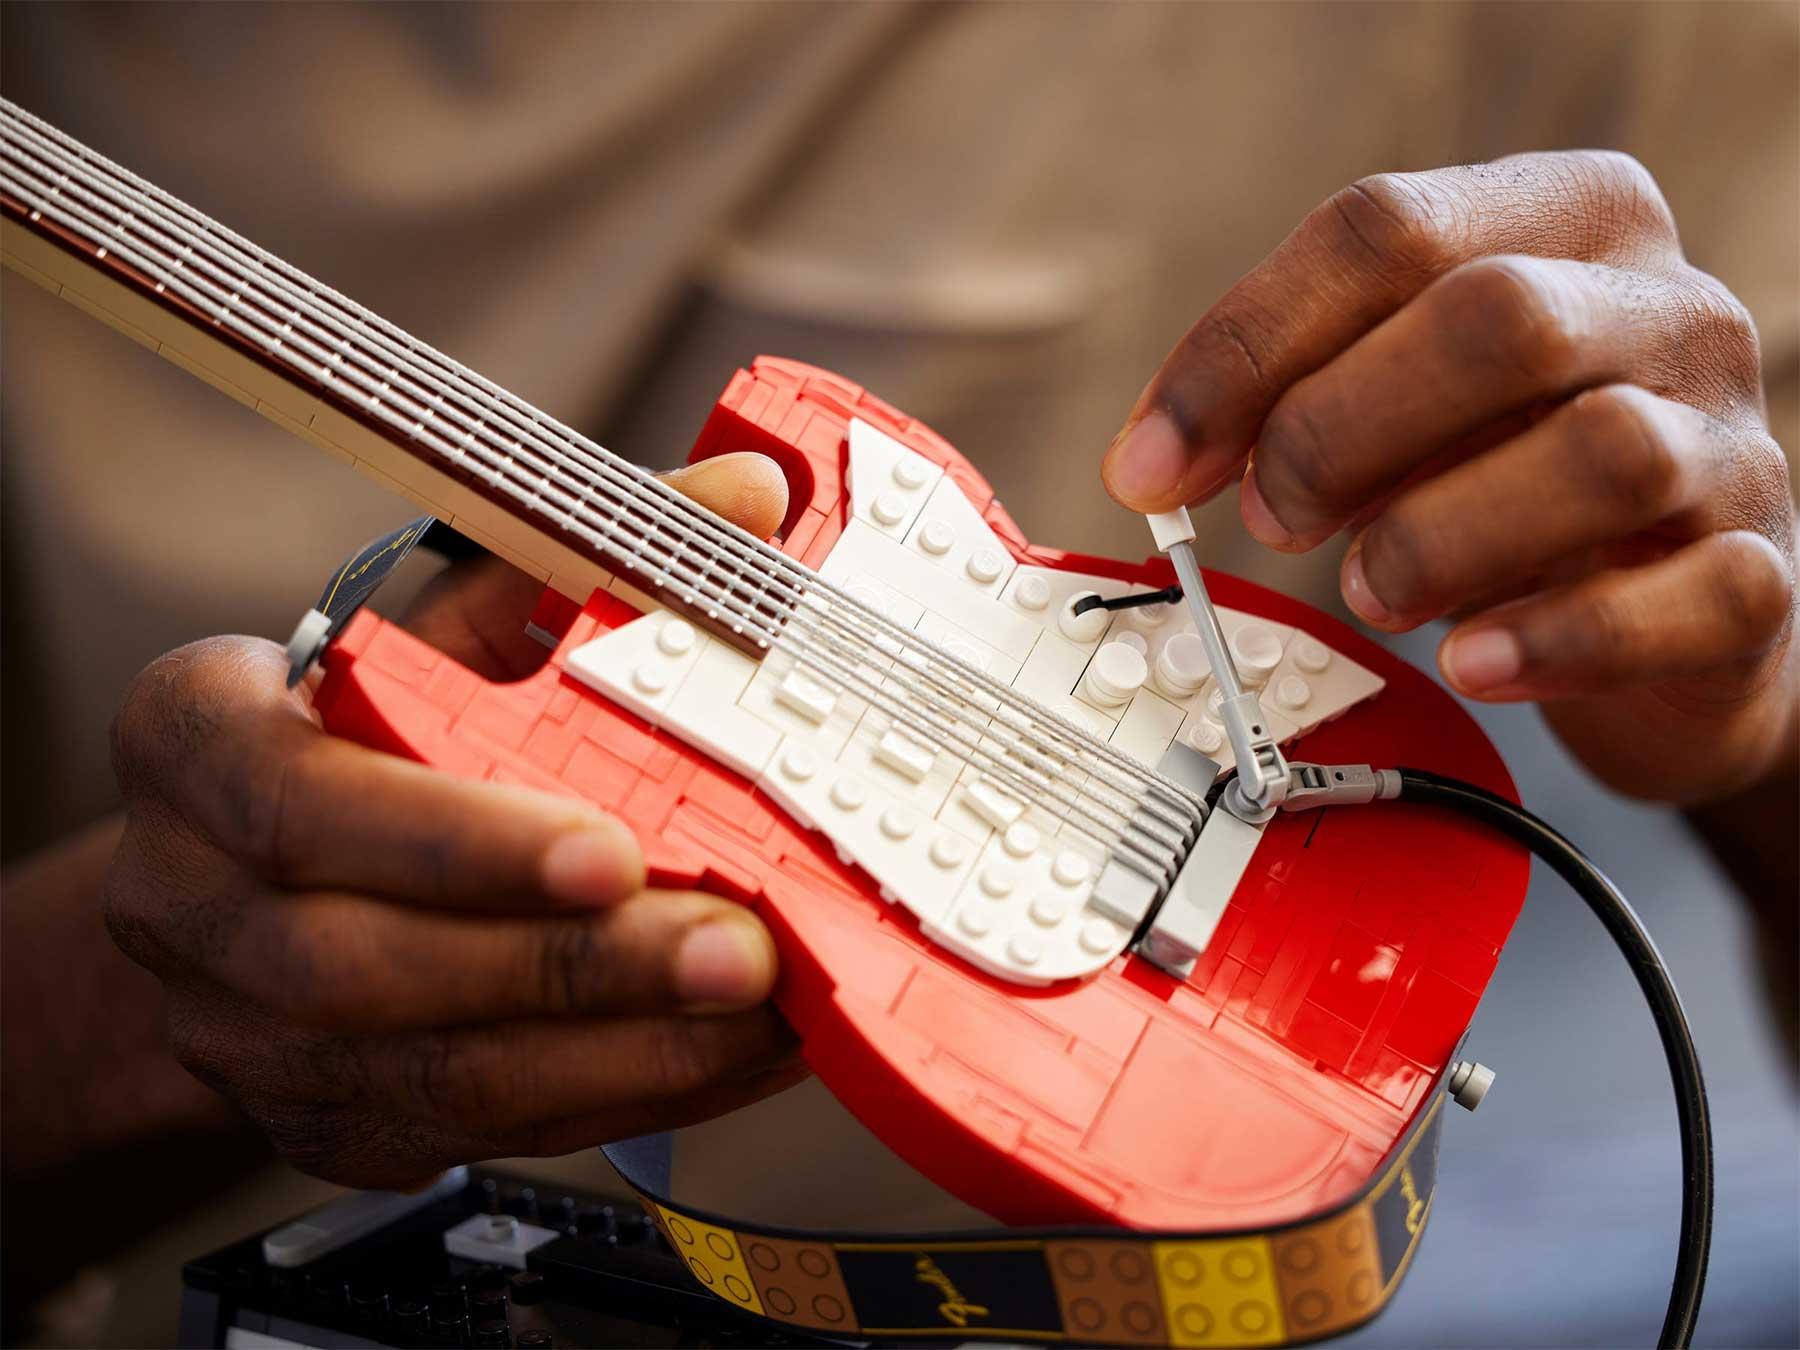 LEGO-Gitarre: Das Fender-Stratocaster-Design LEGO-Gitarre-fender-Stratocaster_02